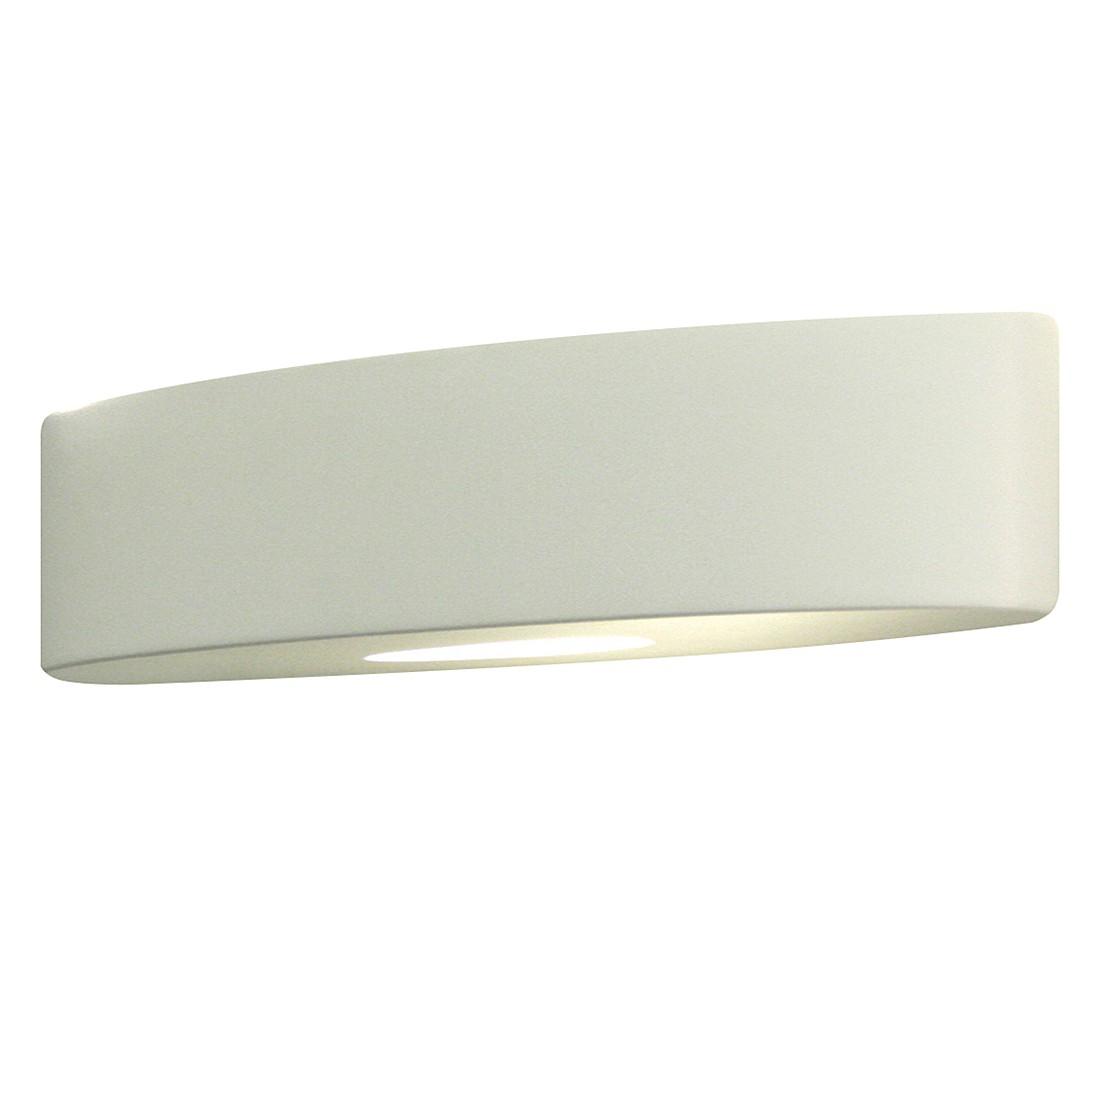 Wandleuchte Ovaro Plus 420 – Weiß – 1-flammig, Astro günstig bestellen